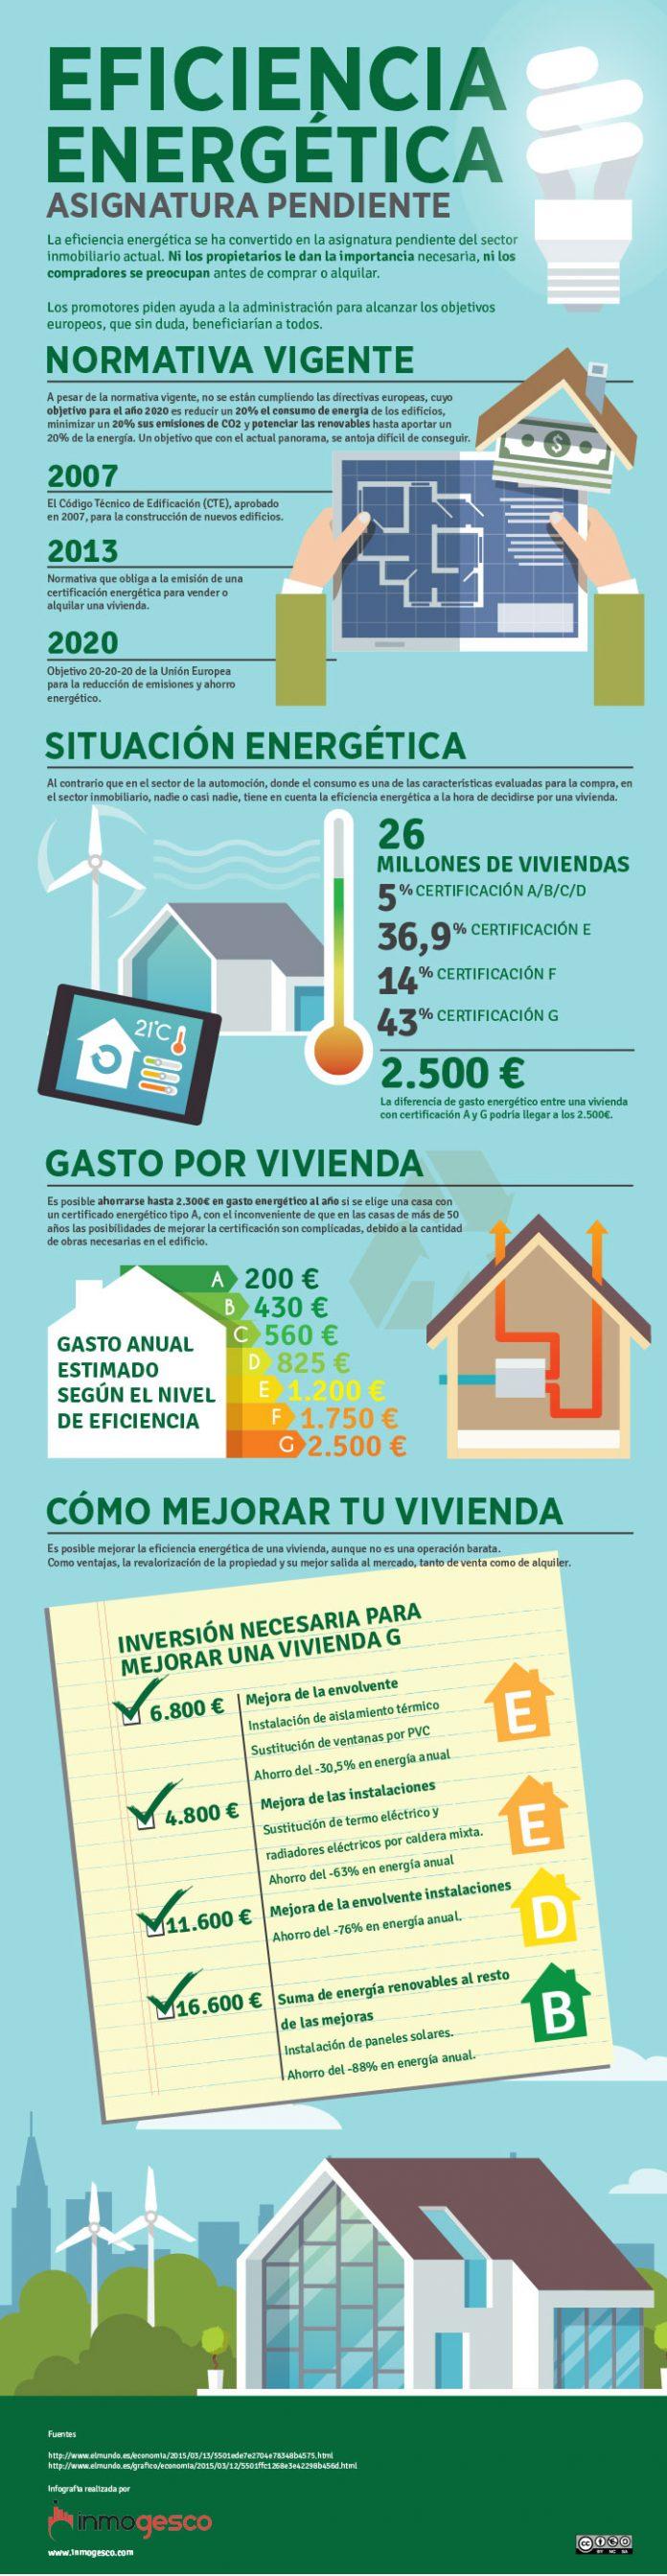 eficiencia energetica mundo